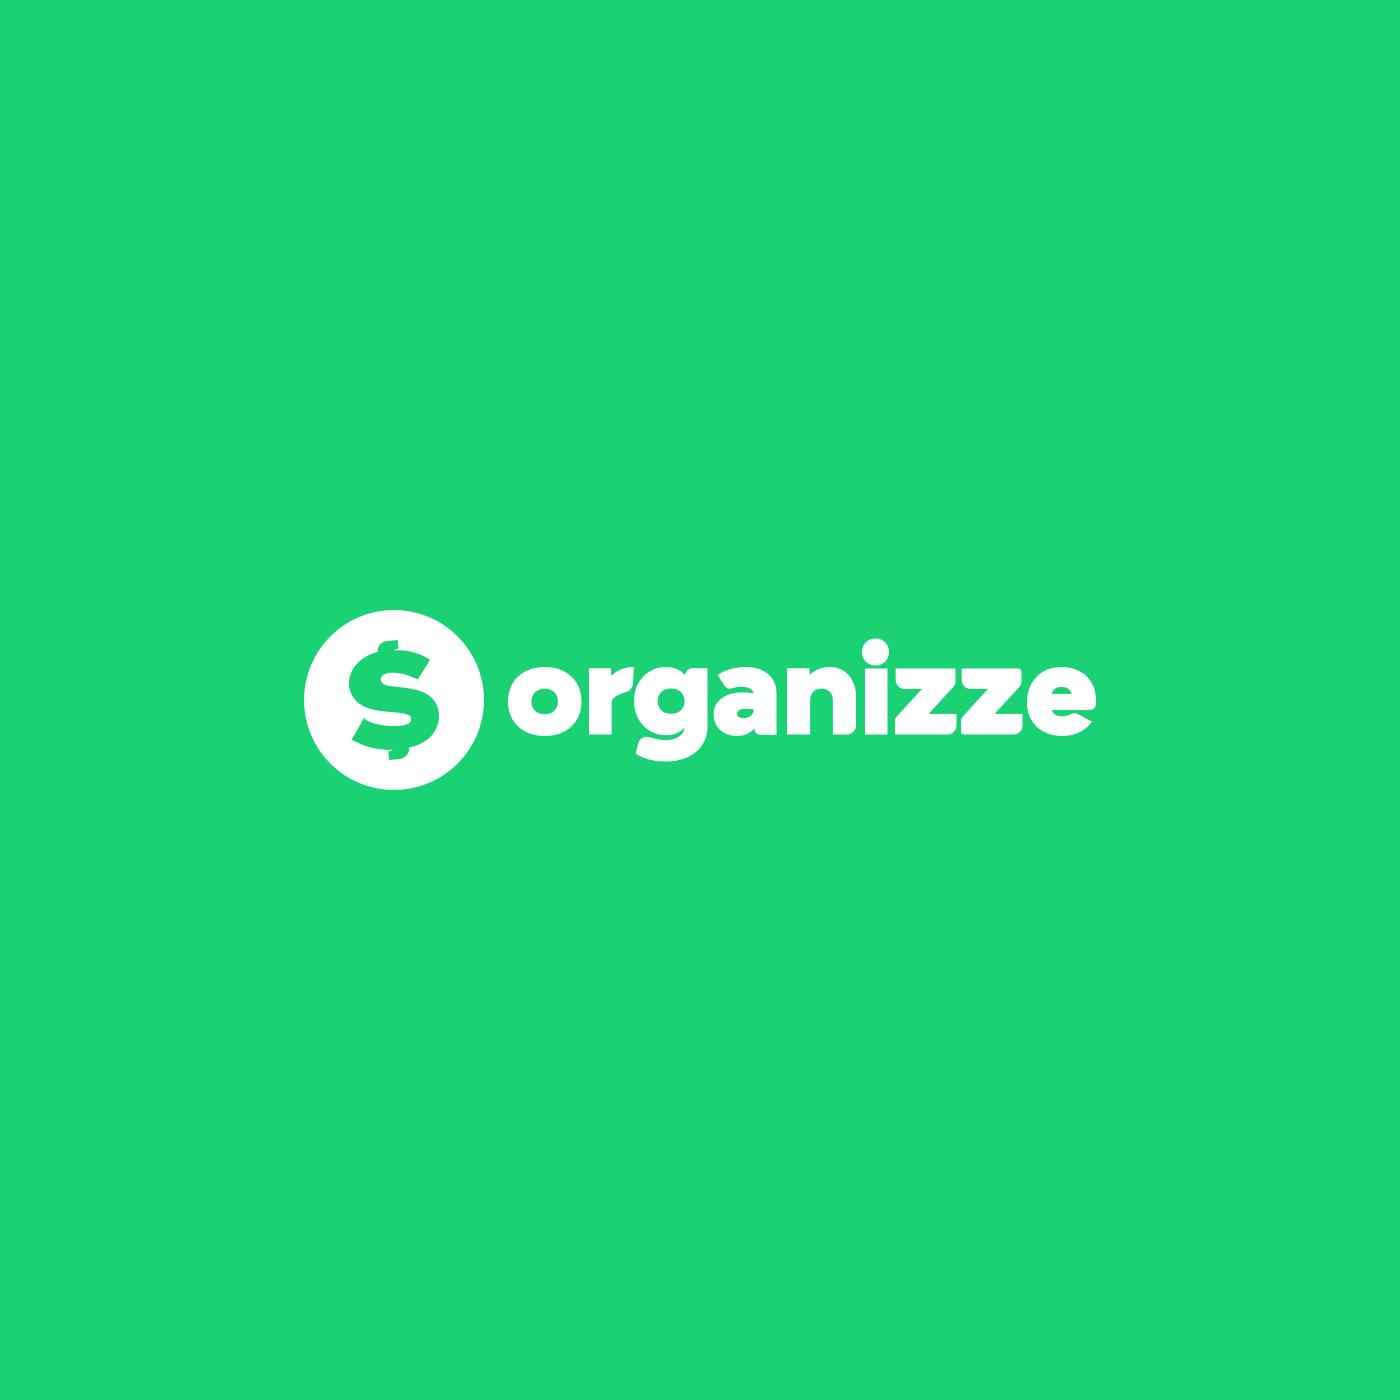 App para organizar metas: Organizze